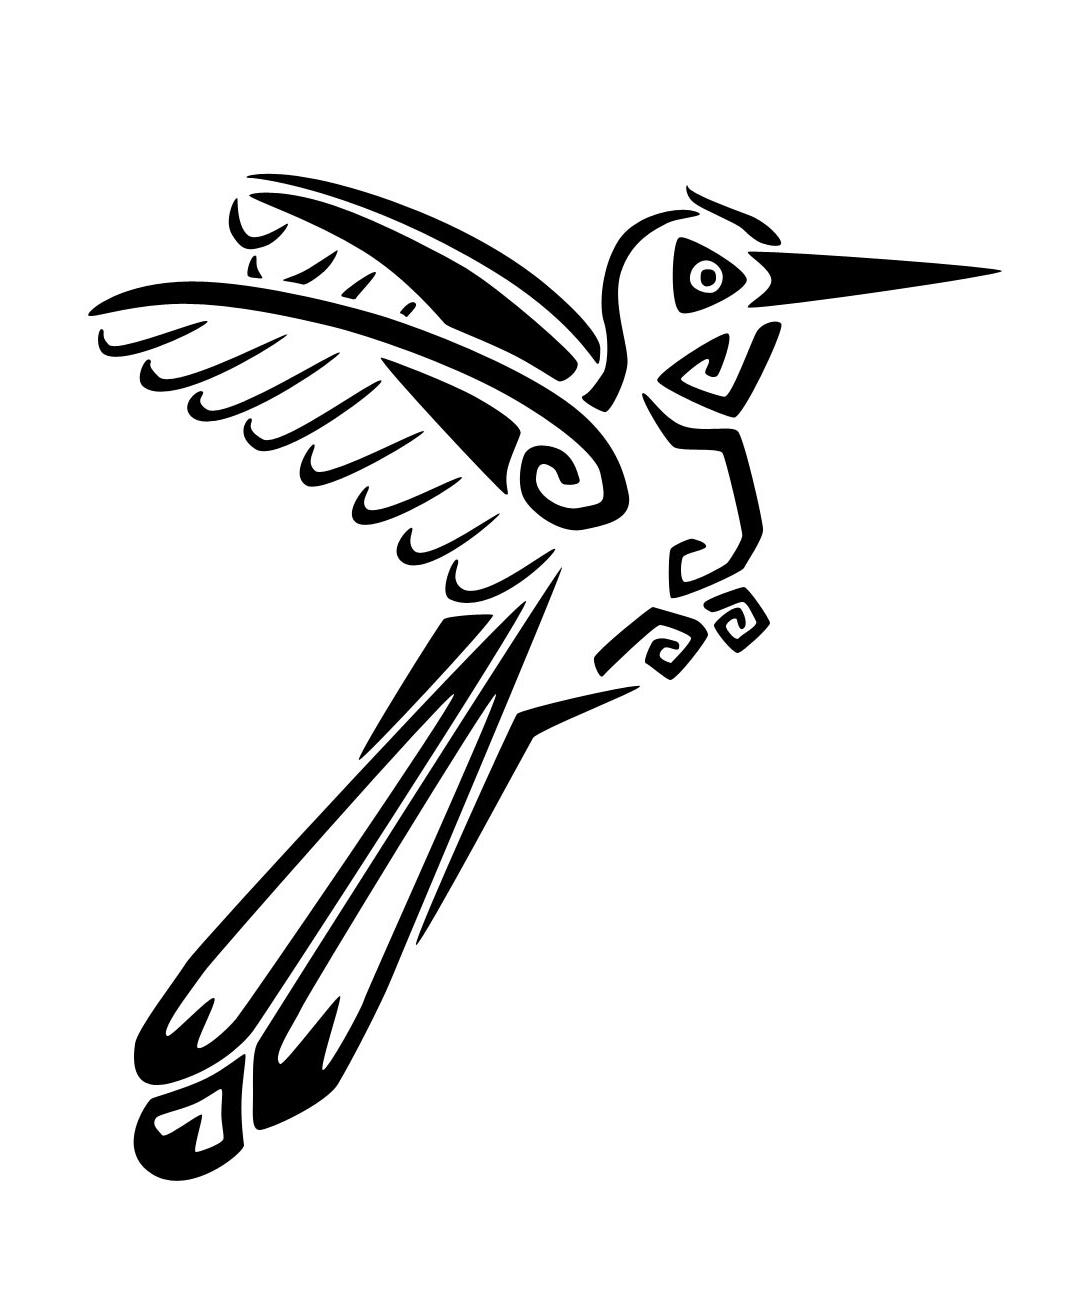 1092x1303 Tribal Hummingbird Tattoo Designs Hummingbird Tattoos Designs